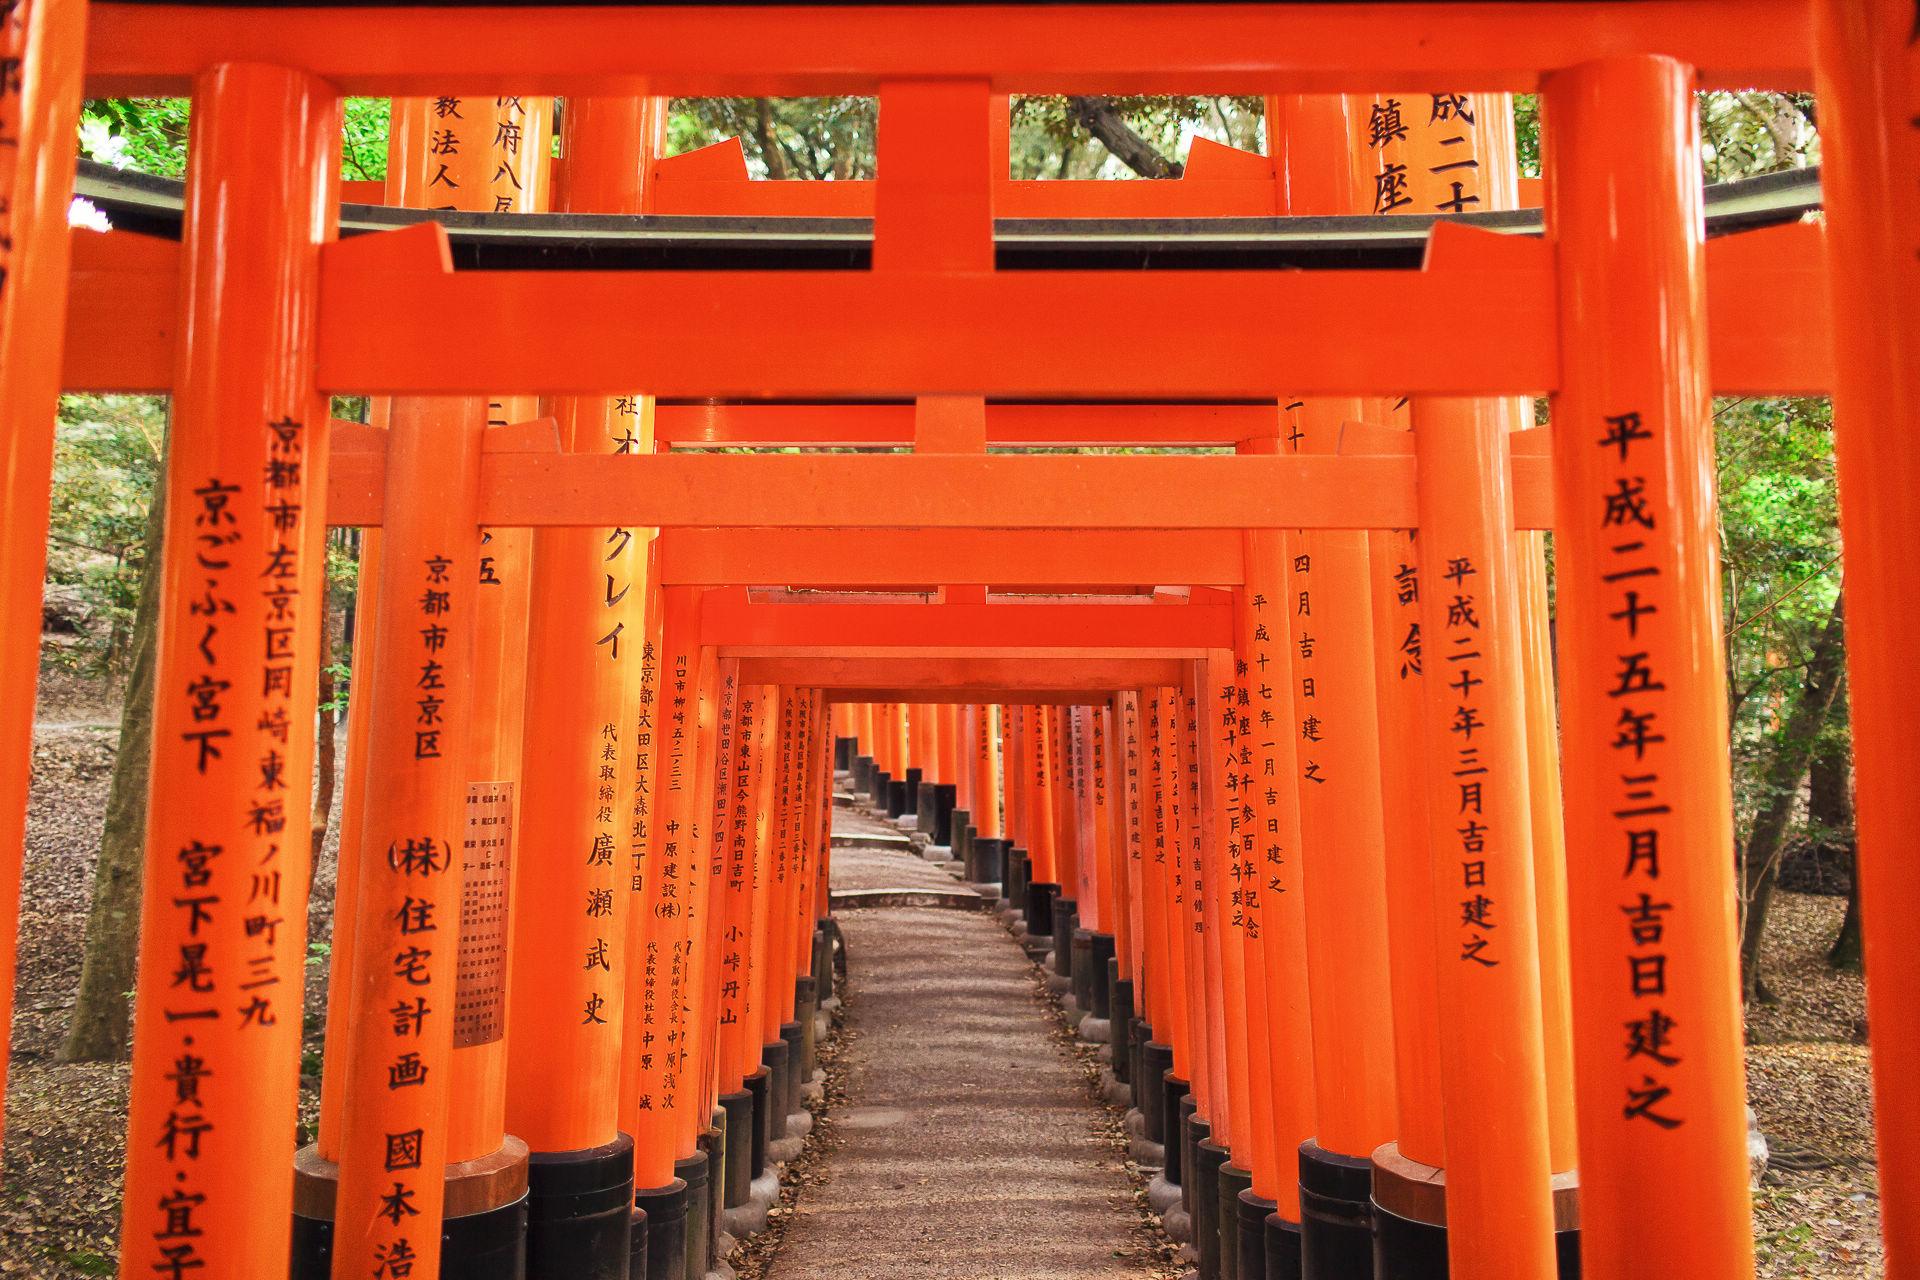 【京都拍婚紗】景點 – 伏見稻荷大社